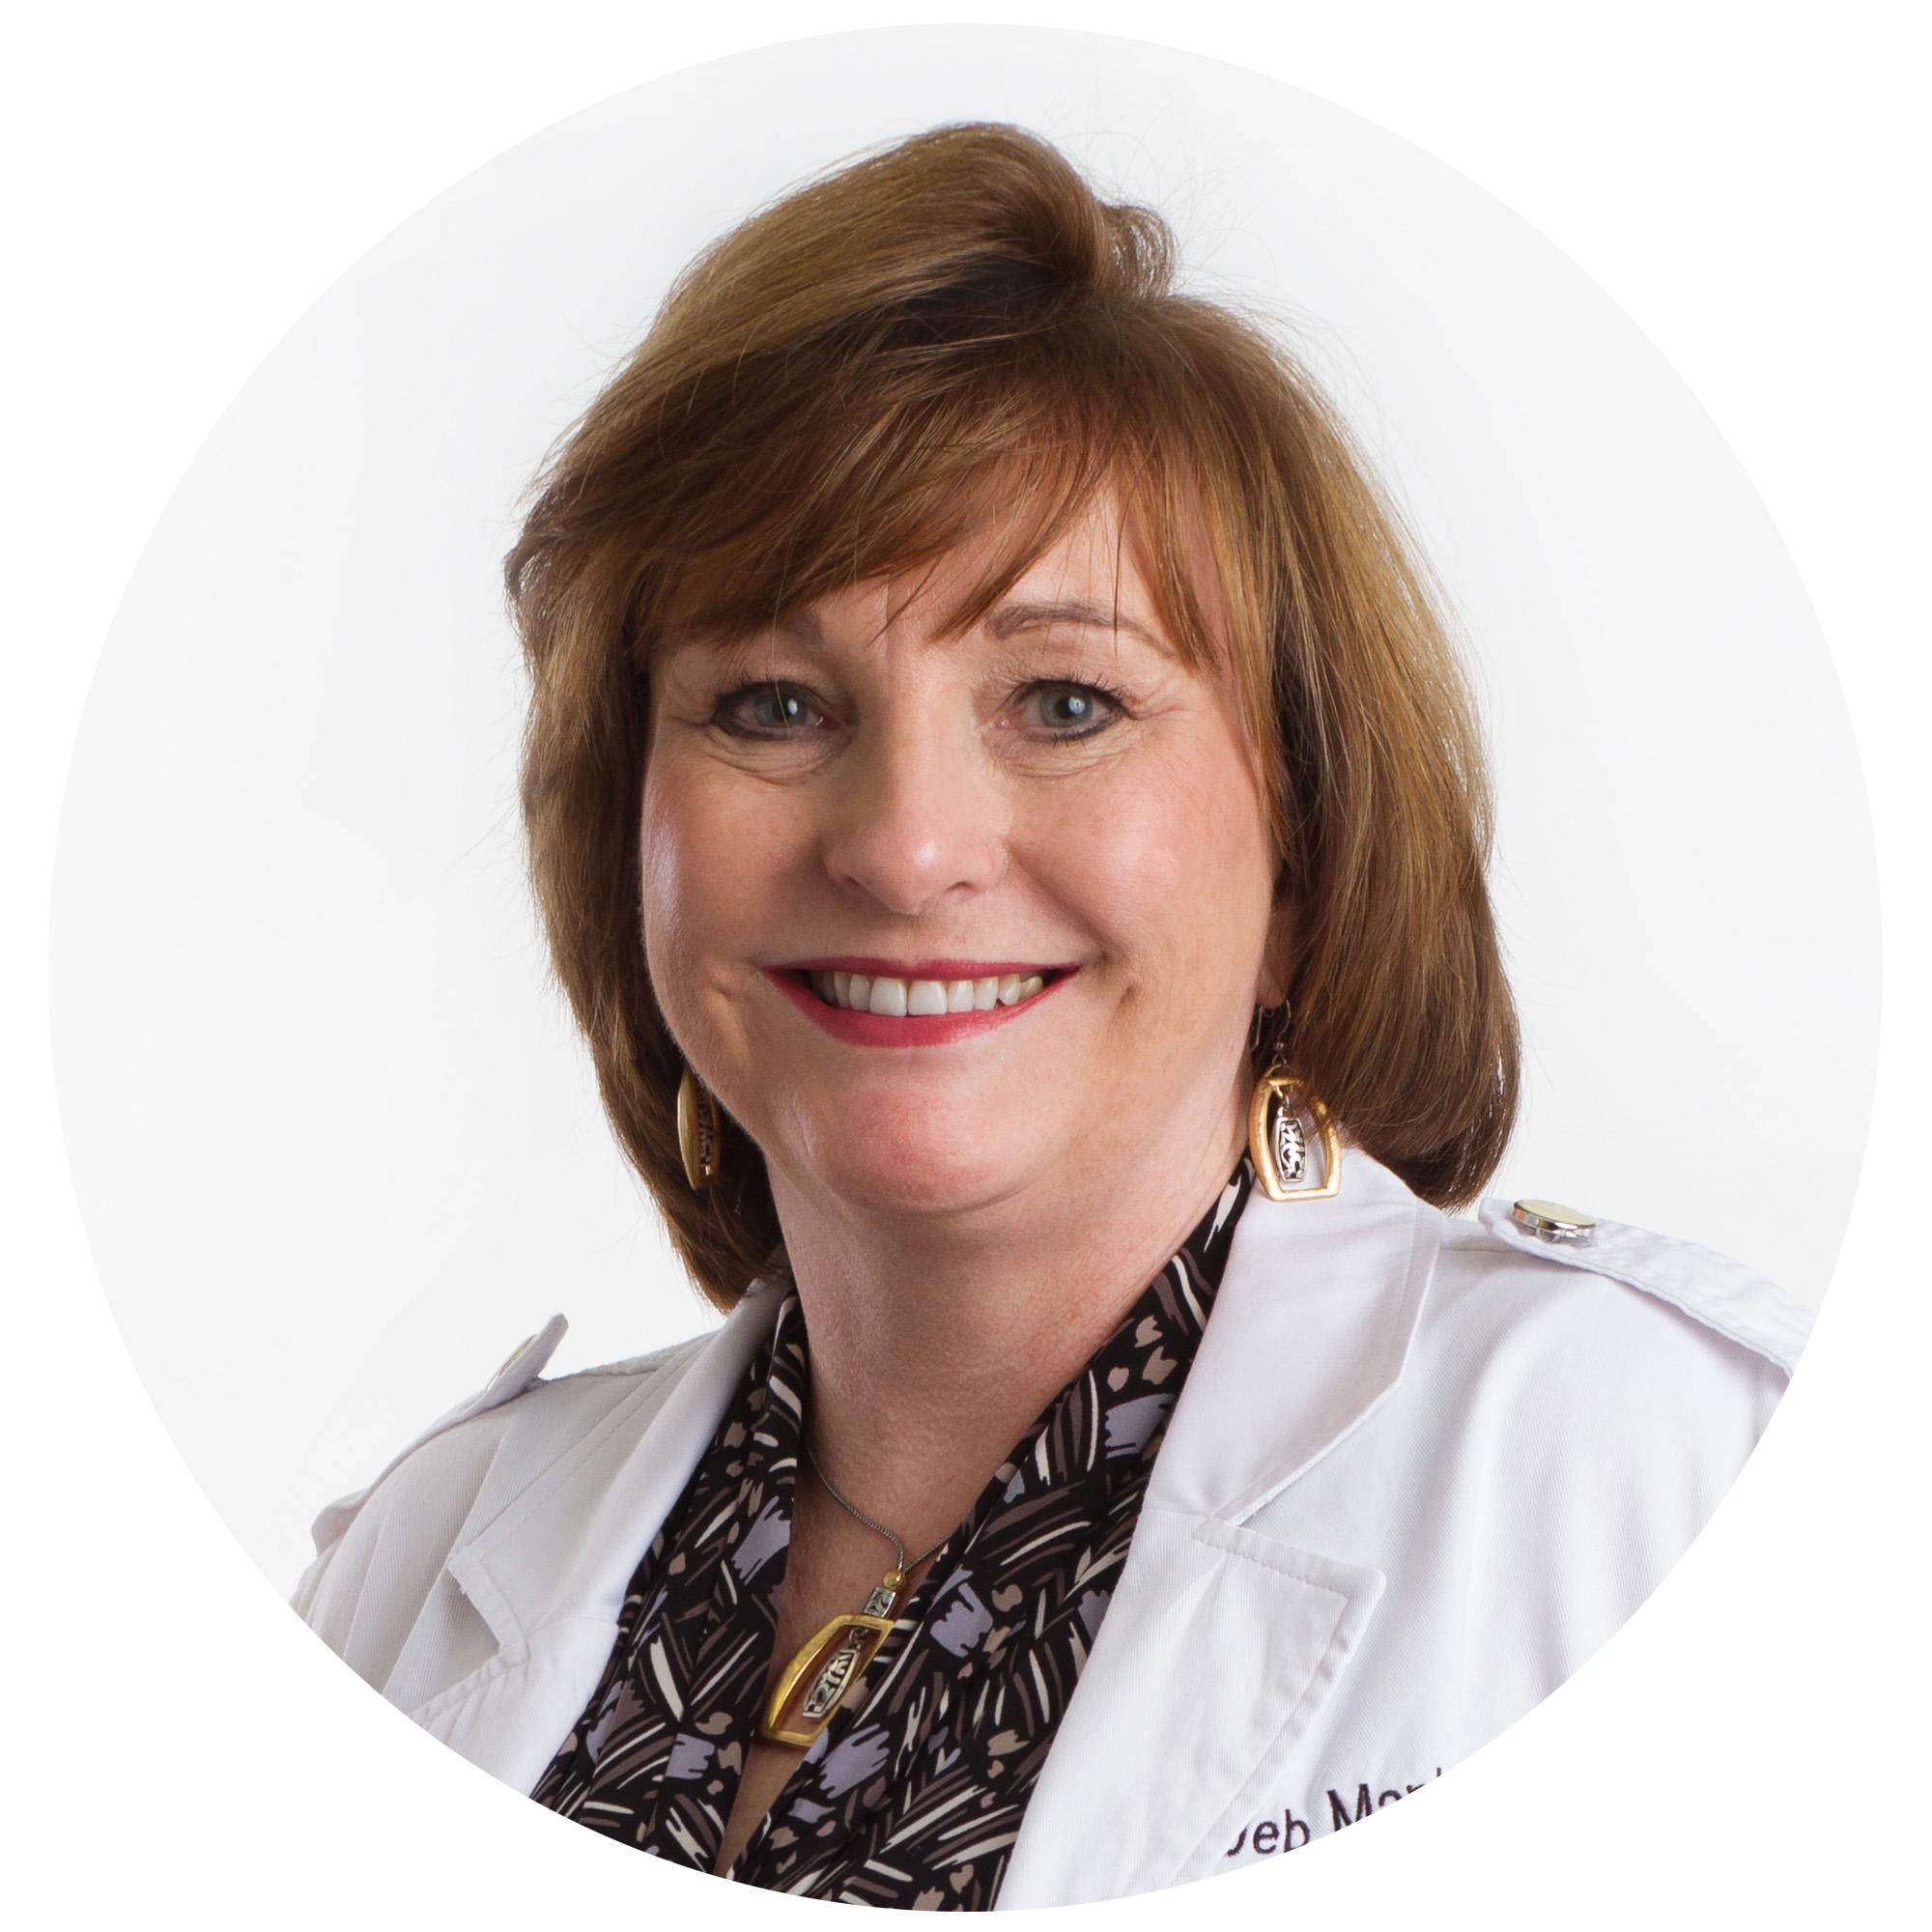 10cbde9272d9d Florida Fertility Institute - Tampa Bay Infertility Experts